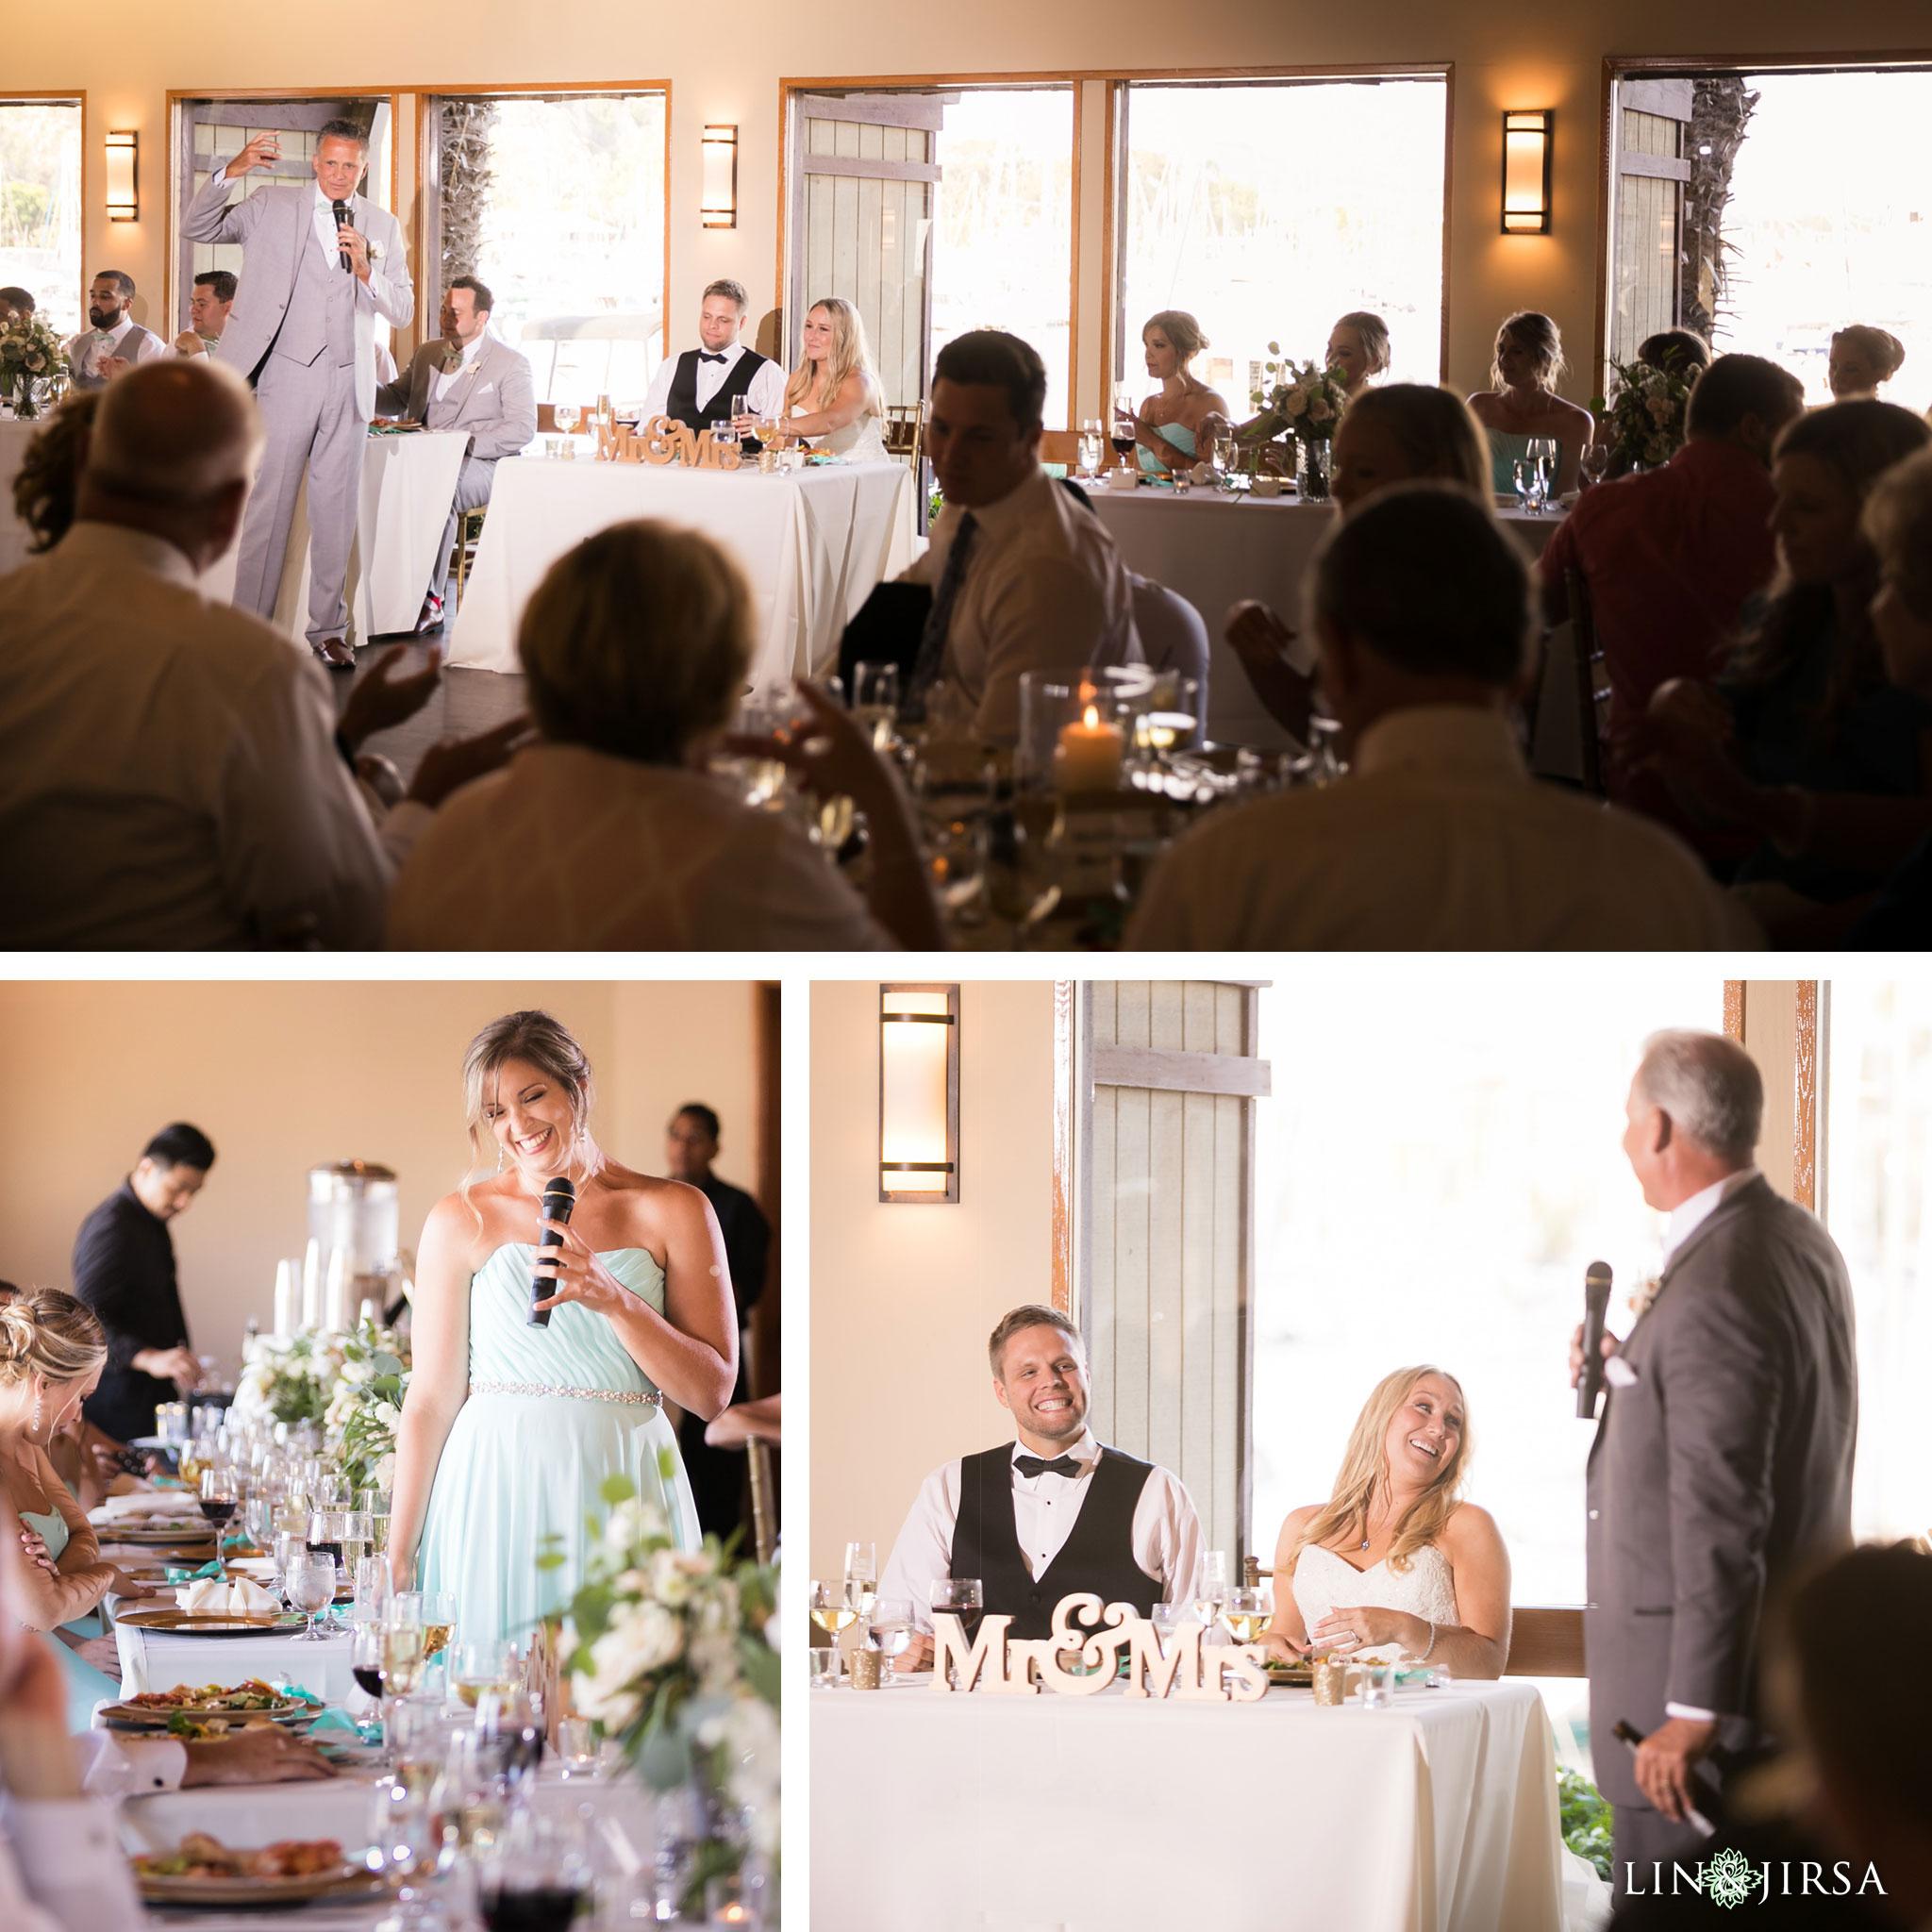 Orange County Wedding Photographer: Dana Point Yacht Club Wedding